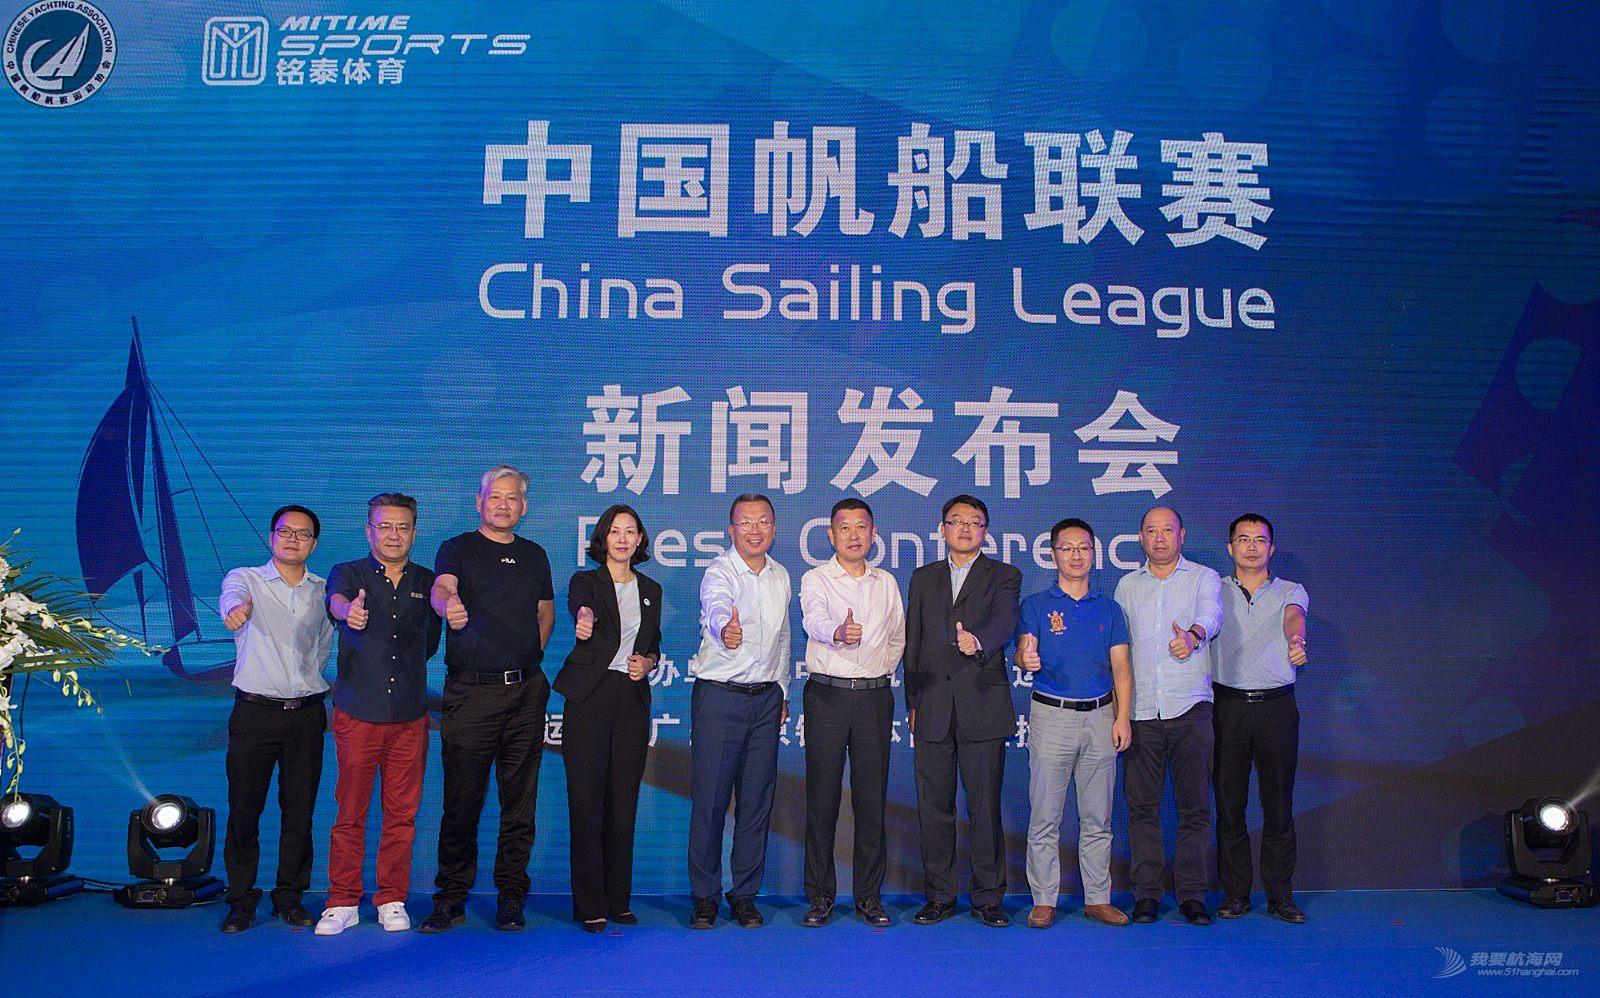 帆船职业化拉开序幕-中国帆船联赛启航